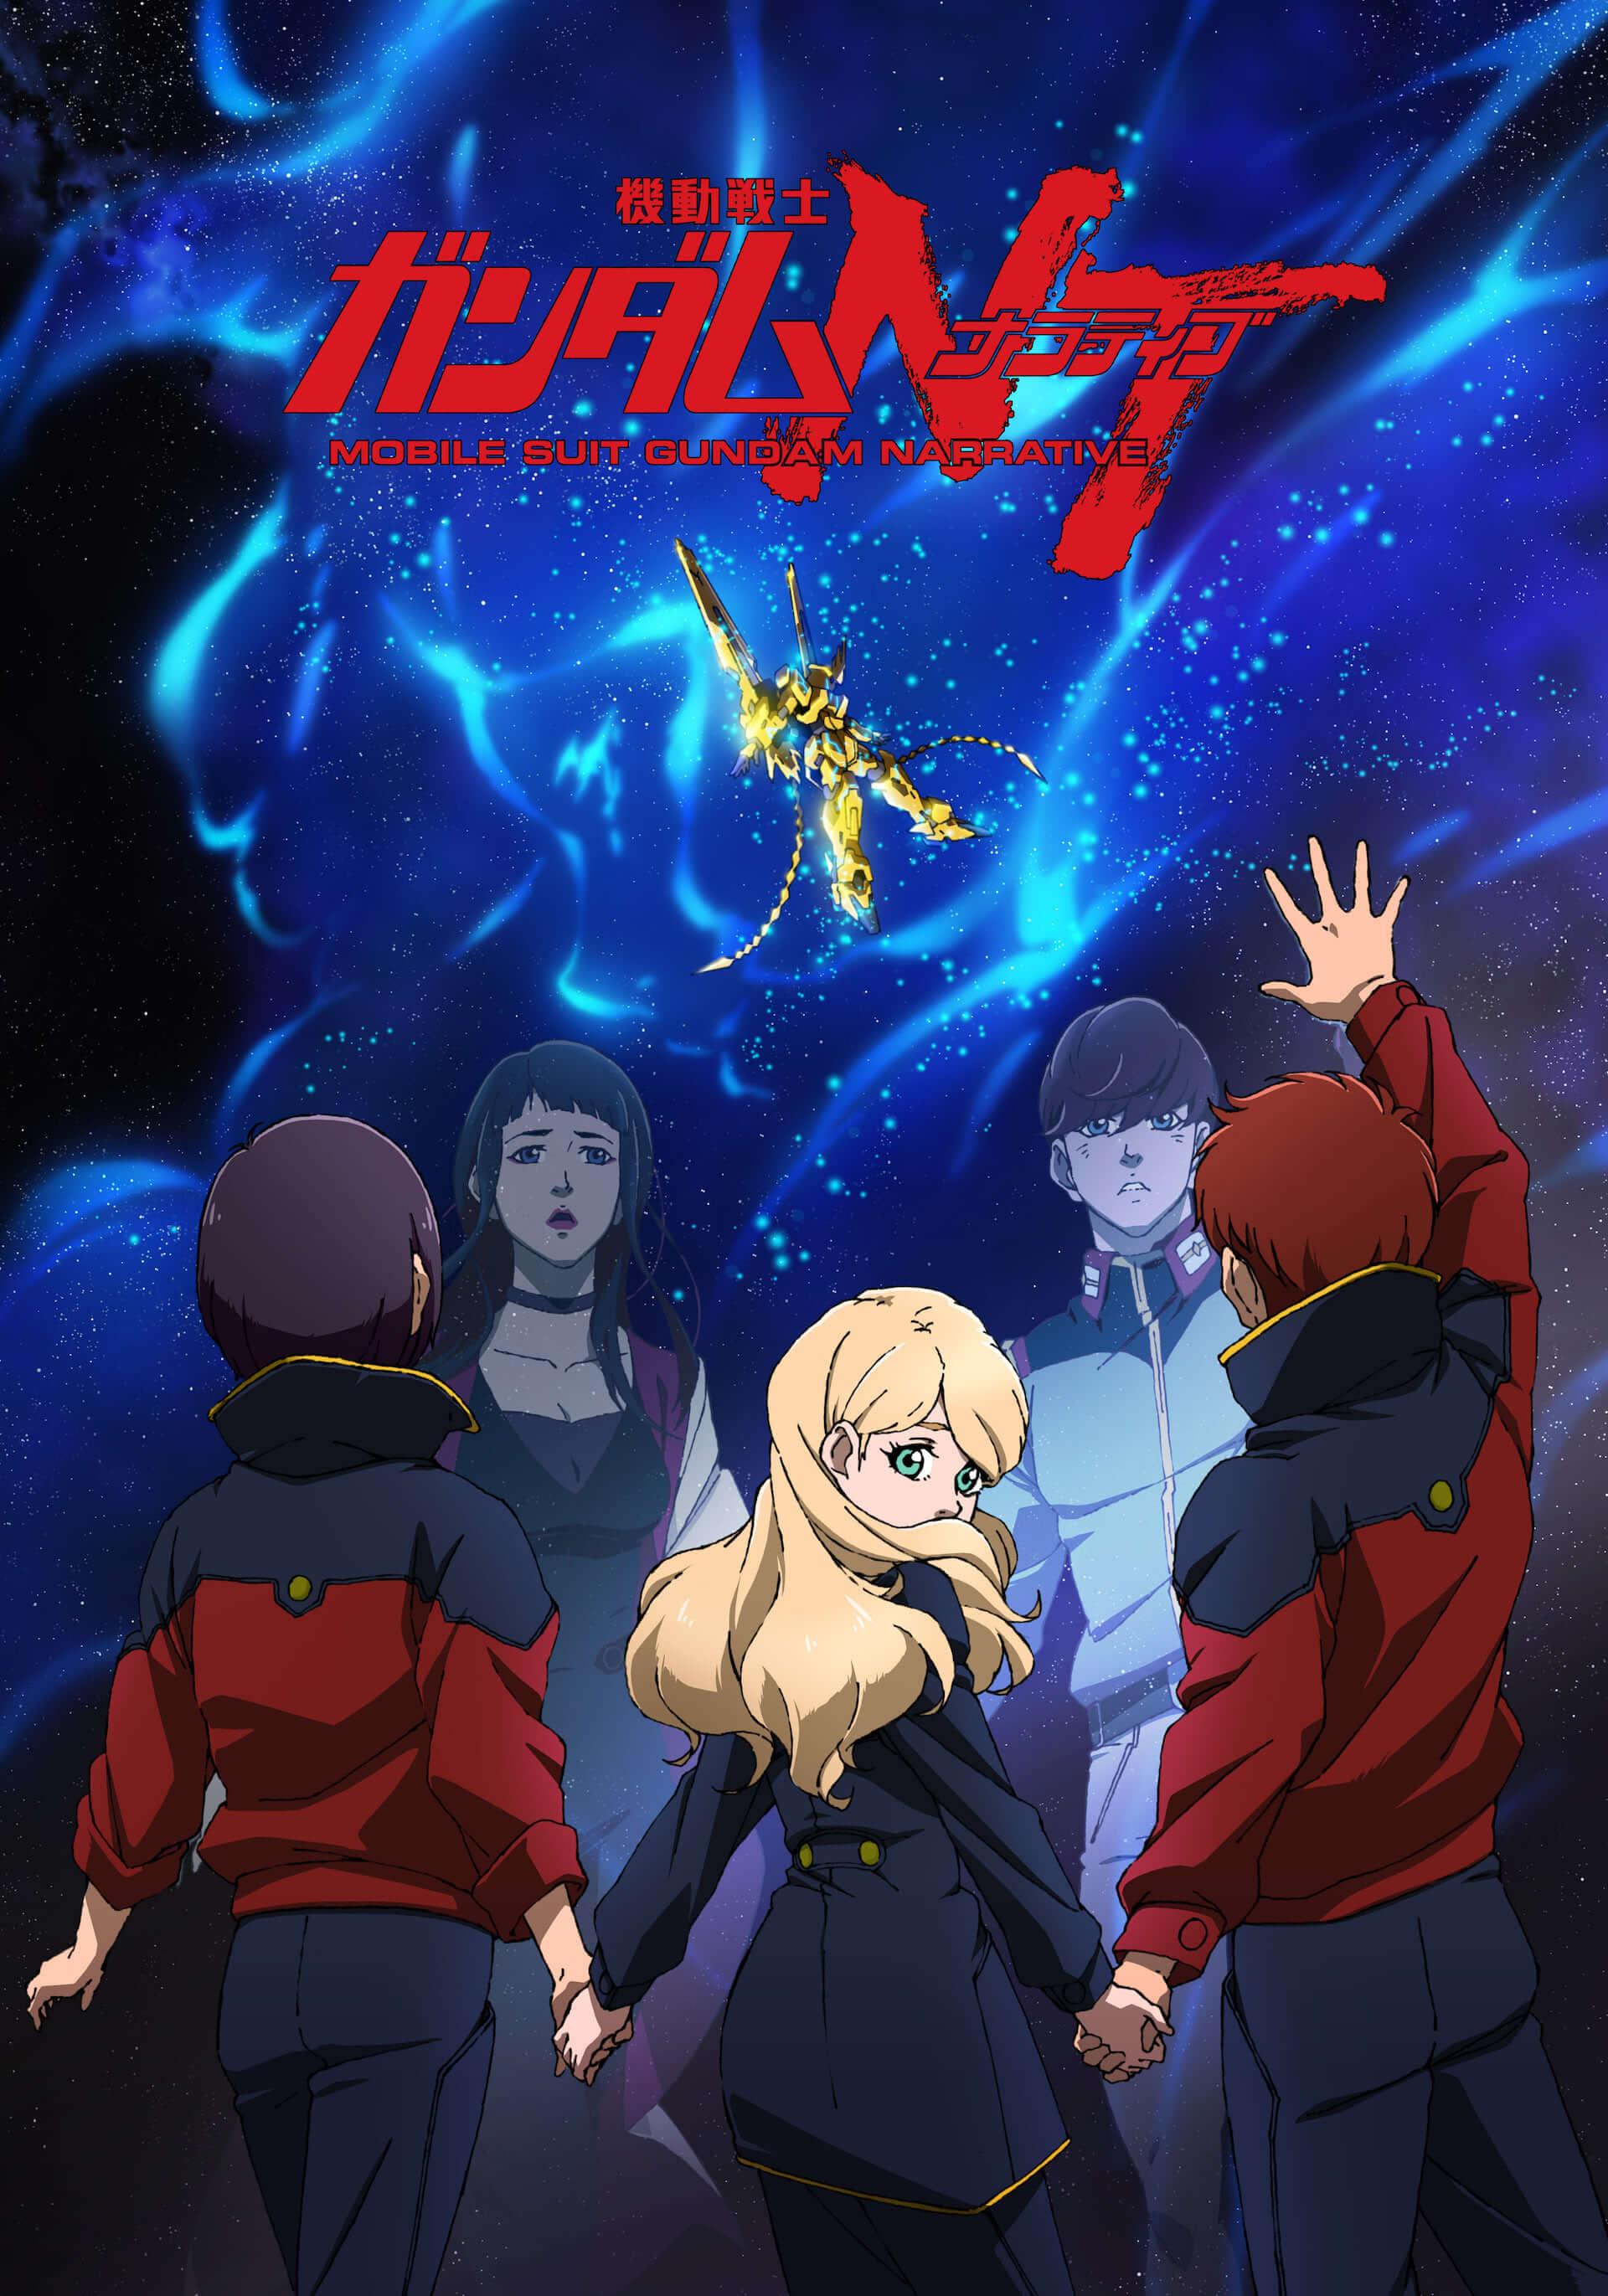 『ガンダムSEED』『ガンダム00』のスペシャルエディションが劇場初上映決定!『逆襲のシャア』など3作品の4DXリバイバル上映も film201029_gundam_12-1920x2742